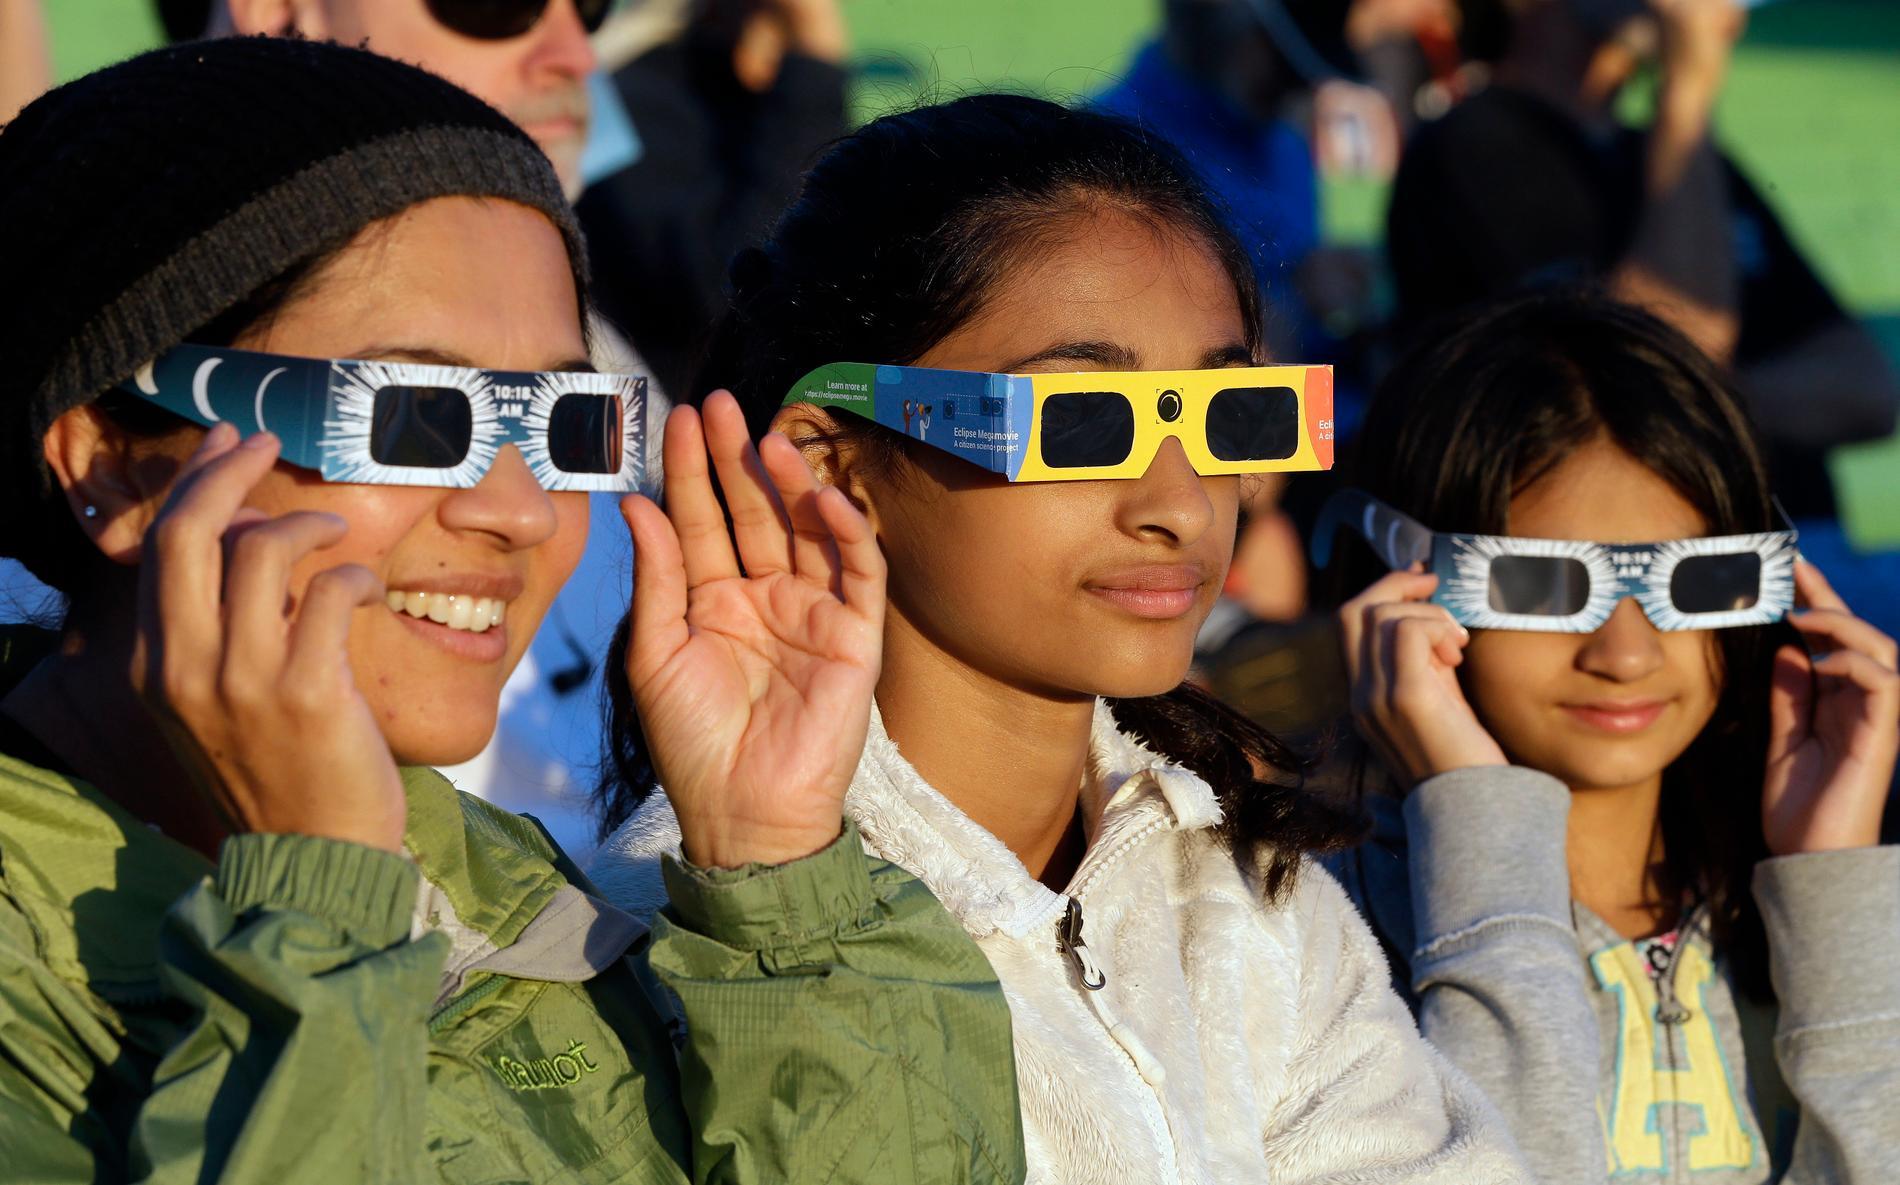 Den 2 juli inträffar en total solförmörkelse i Argentina och Chile. Bild från 2017 års totala solförmörkelse i USA.